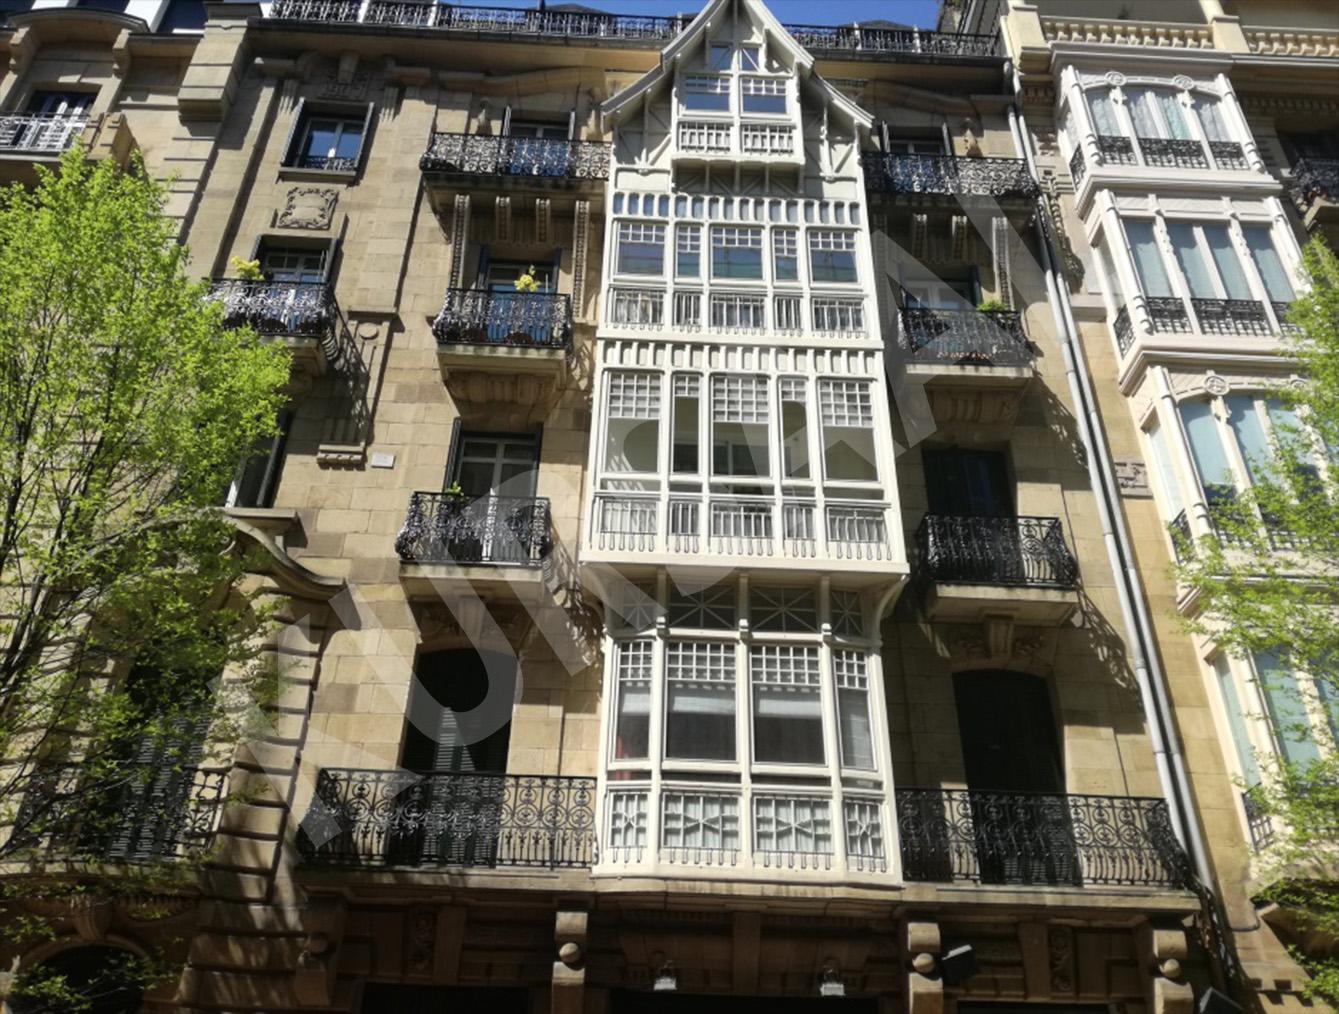 foto 1 - Restauración y patrimonio-Prim 30-DONOSTIA, GIPUZKOA